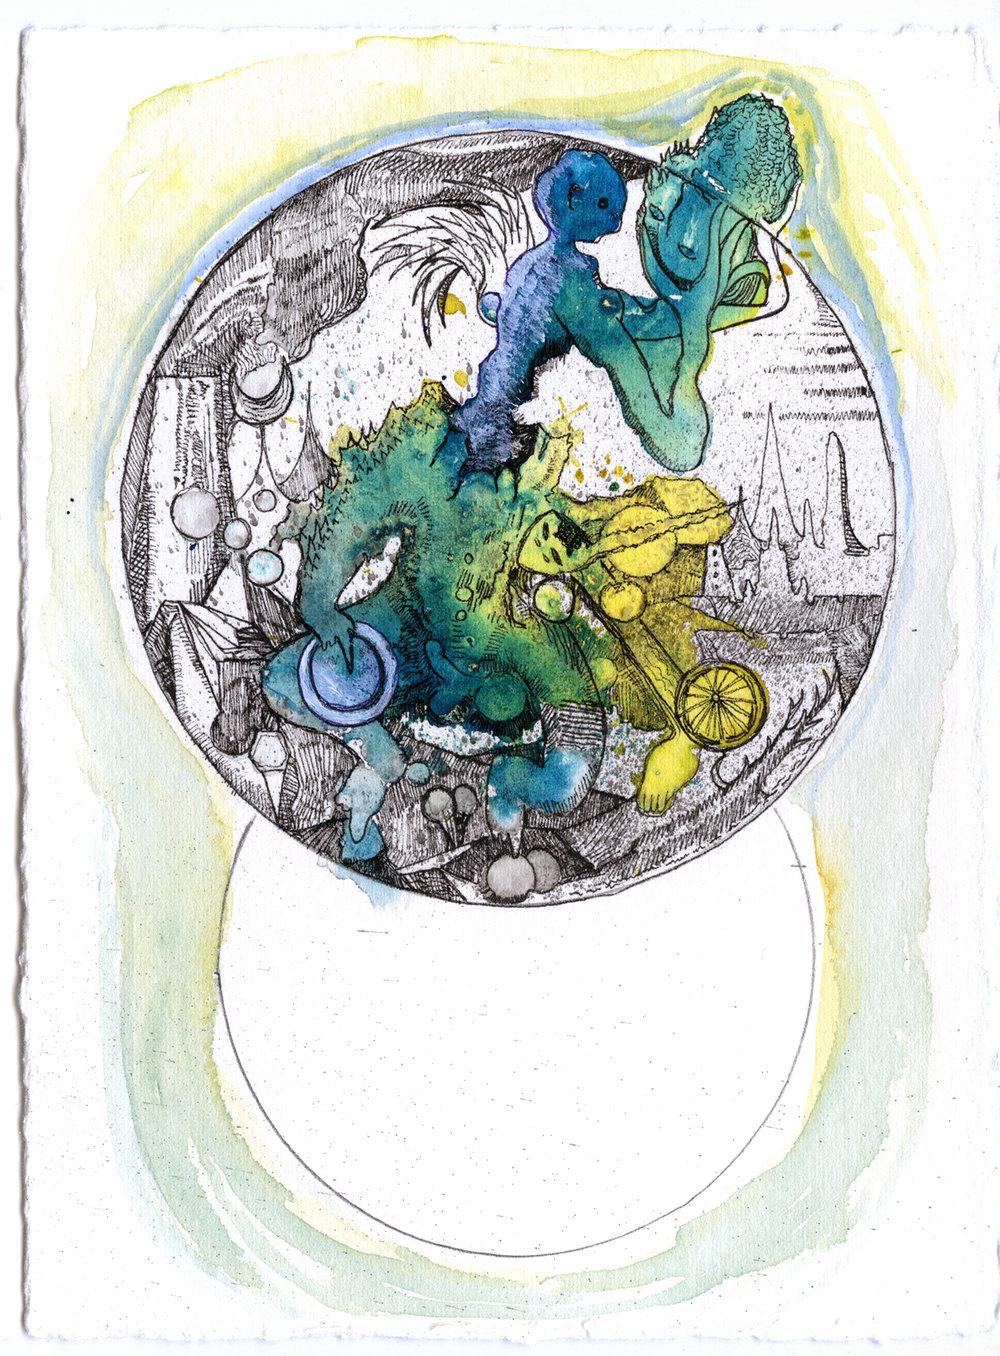 Max Razdow Painting Watercolor Drawing